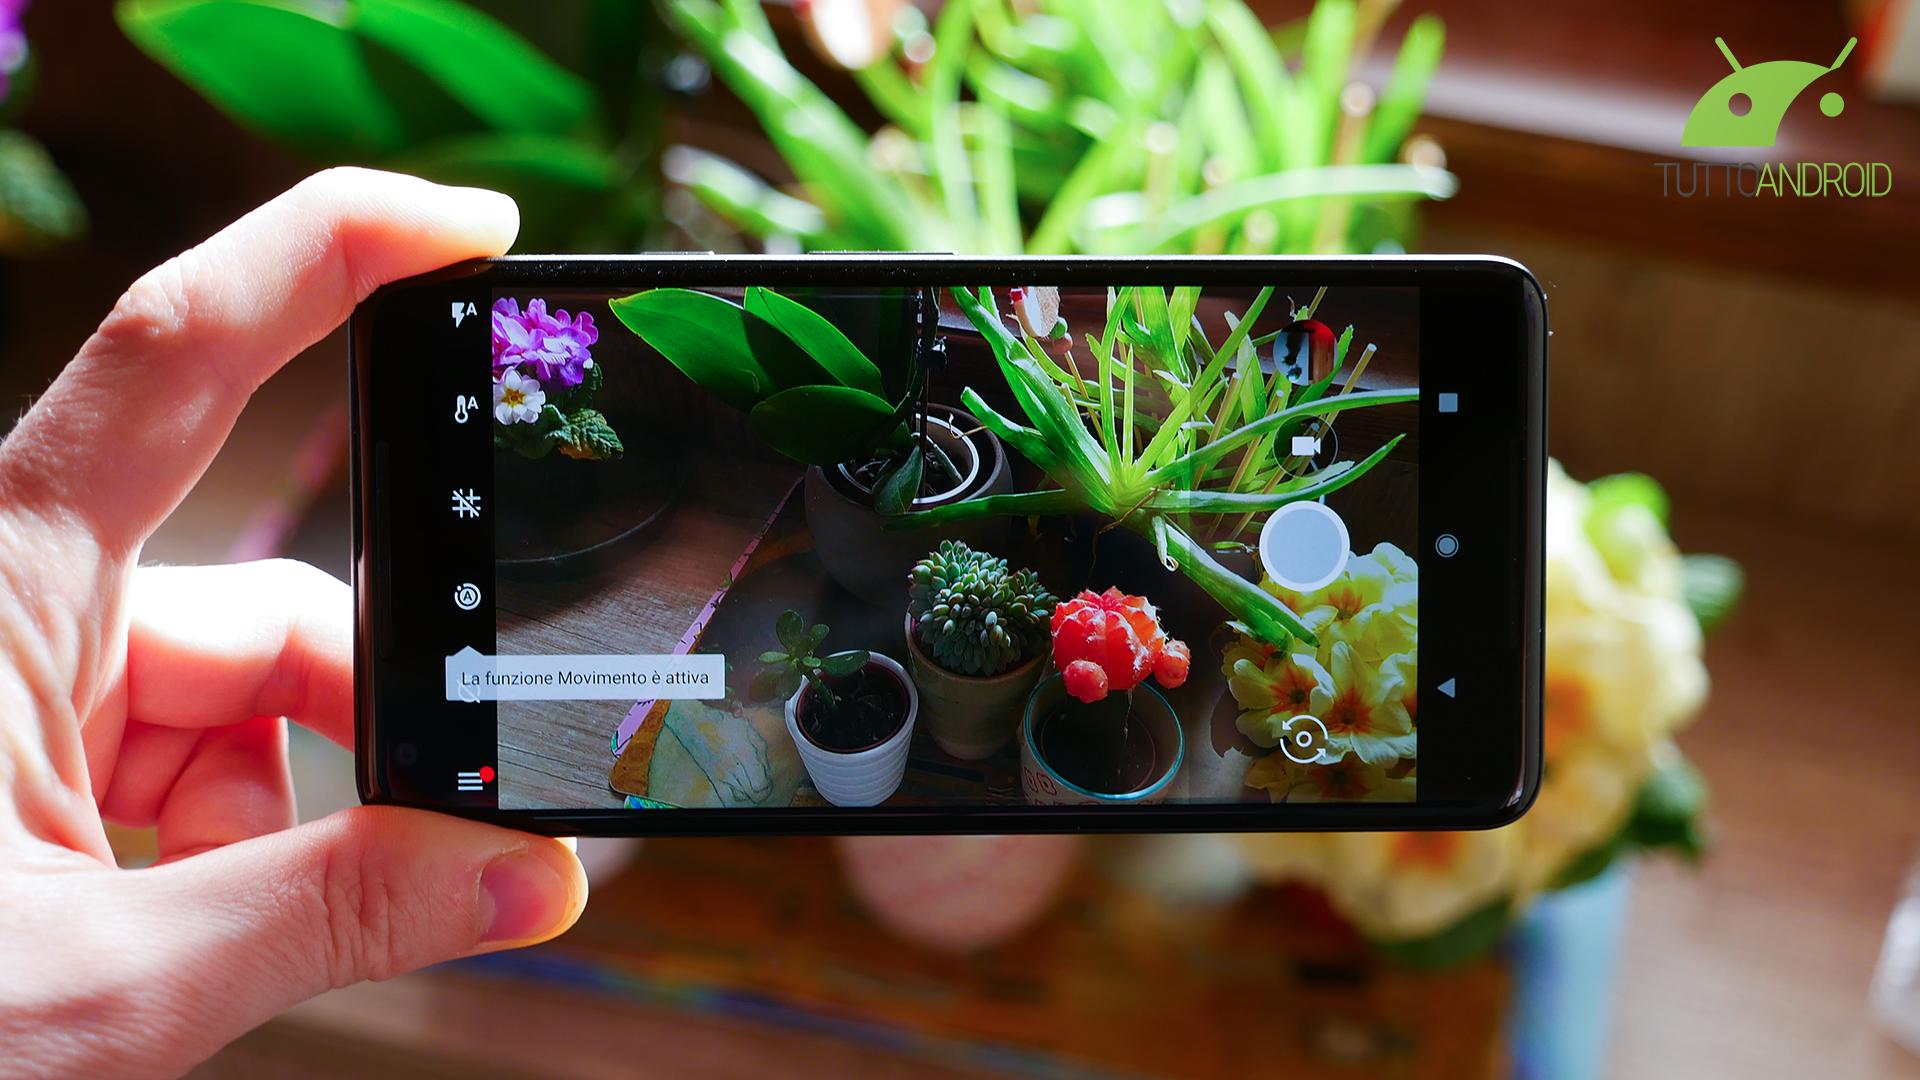 Android 11 toglie il limite alla registrazione video, Google Fotocamera lo mantiene